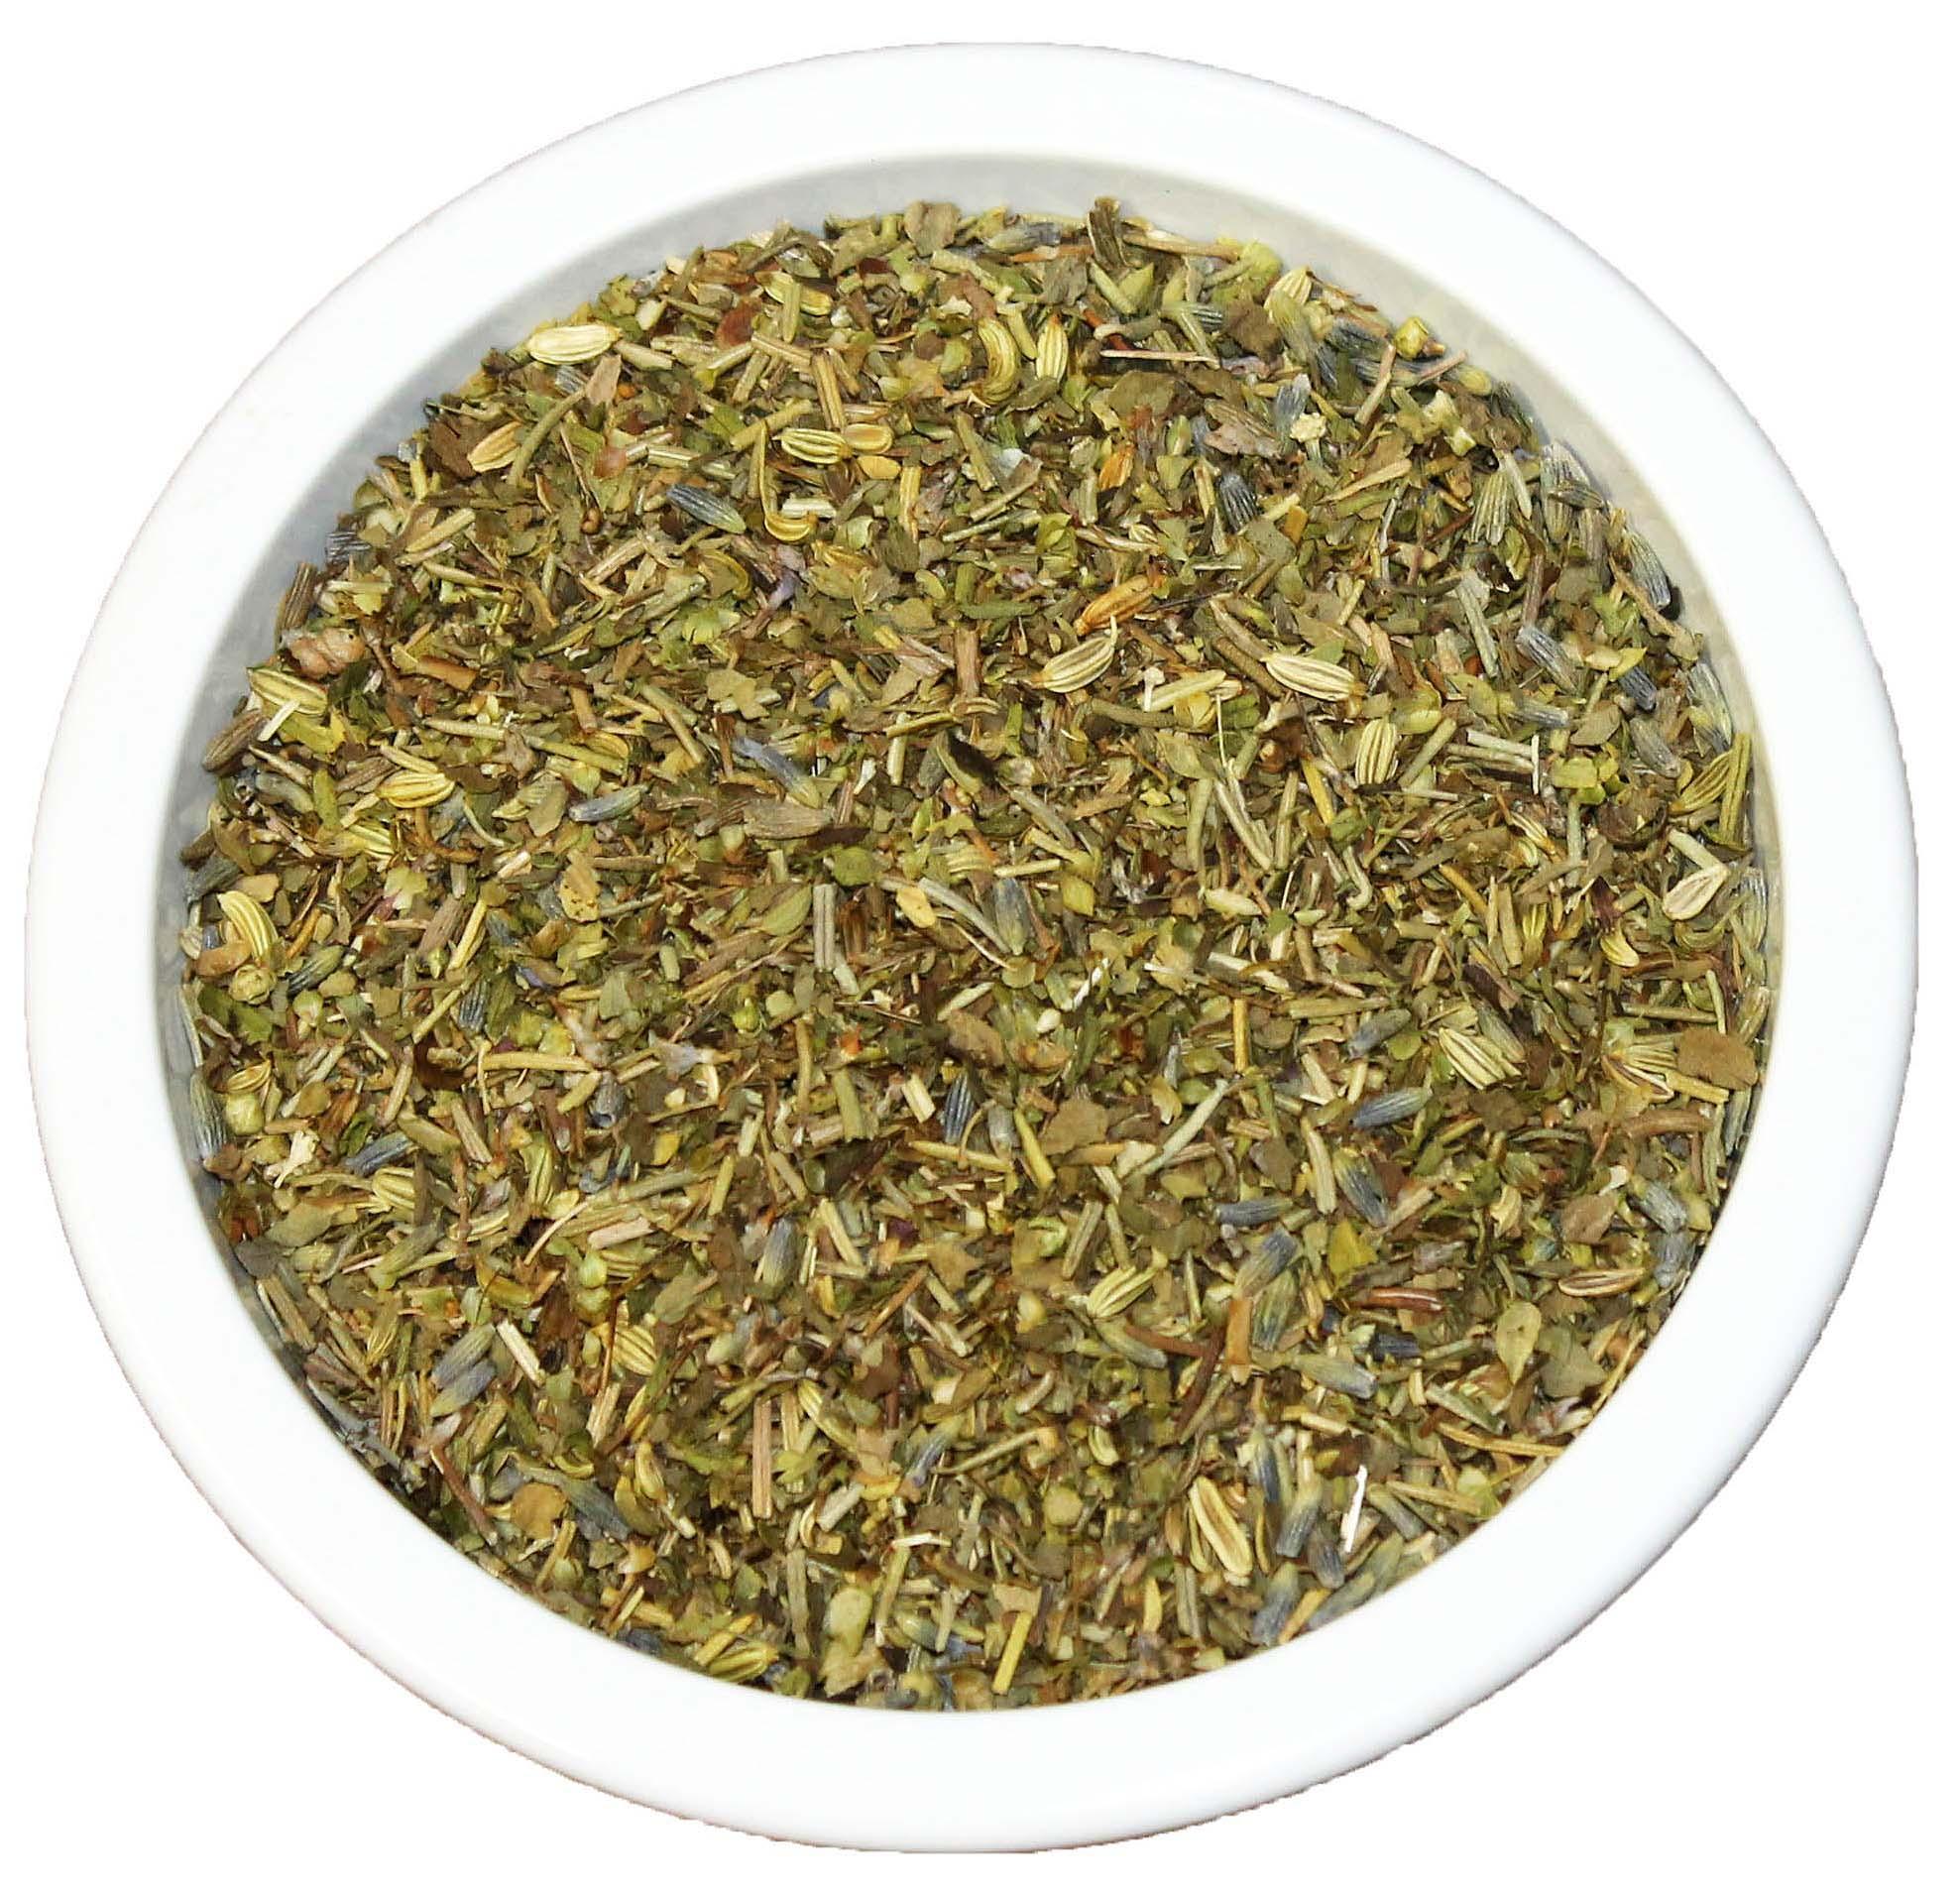 Gewürzmischung Kräuter der Provence  gerebelt 250 g 1A Ware Gewürz PEnandiTRA ®